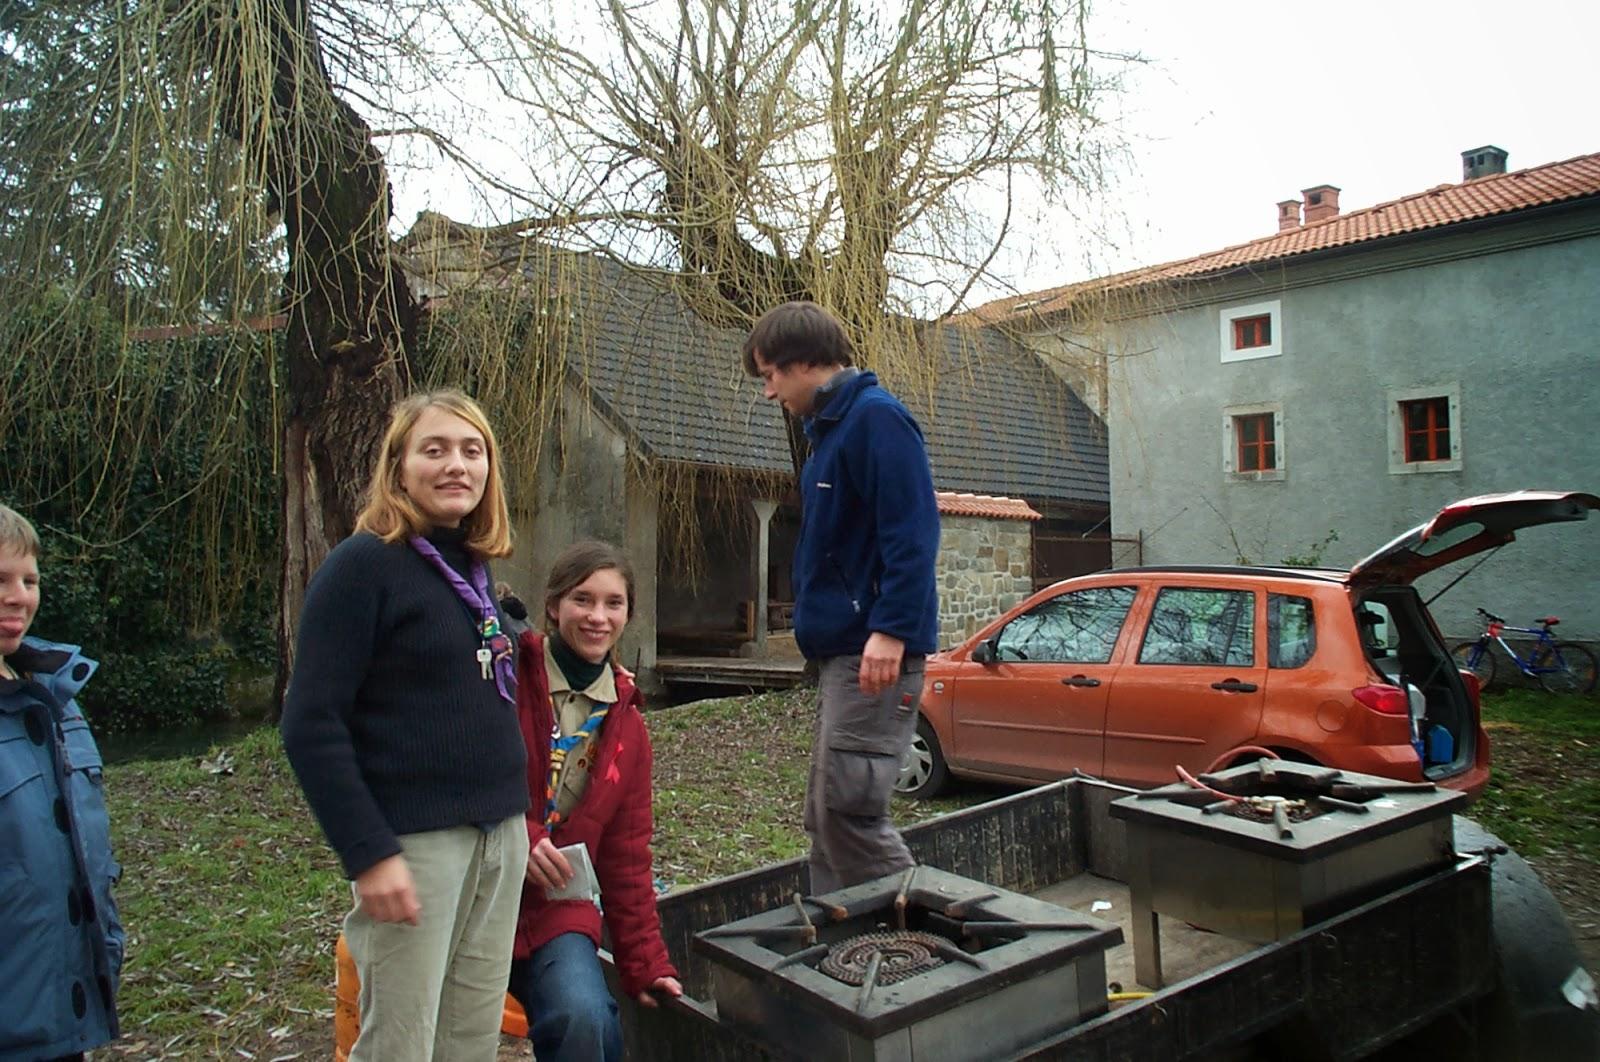 Taborniško druženje, Ilirska Bistrica 2004 - Tabornis%25CC%258Cko%2Bdruz%25CC%258Cenje%2B2004%2B023.jpg